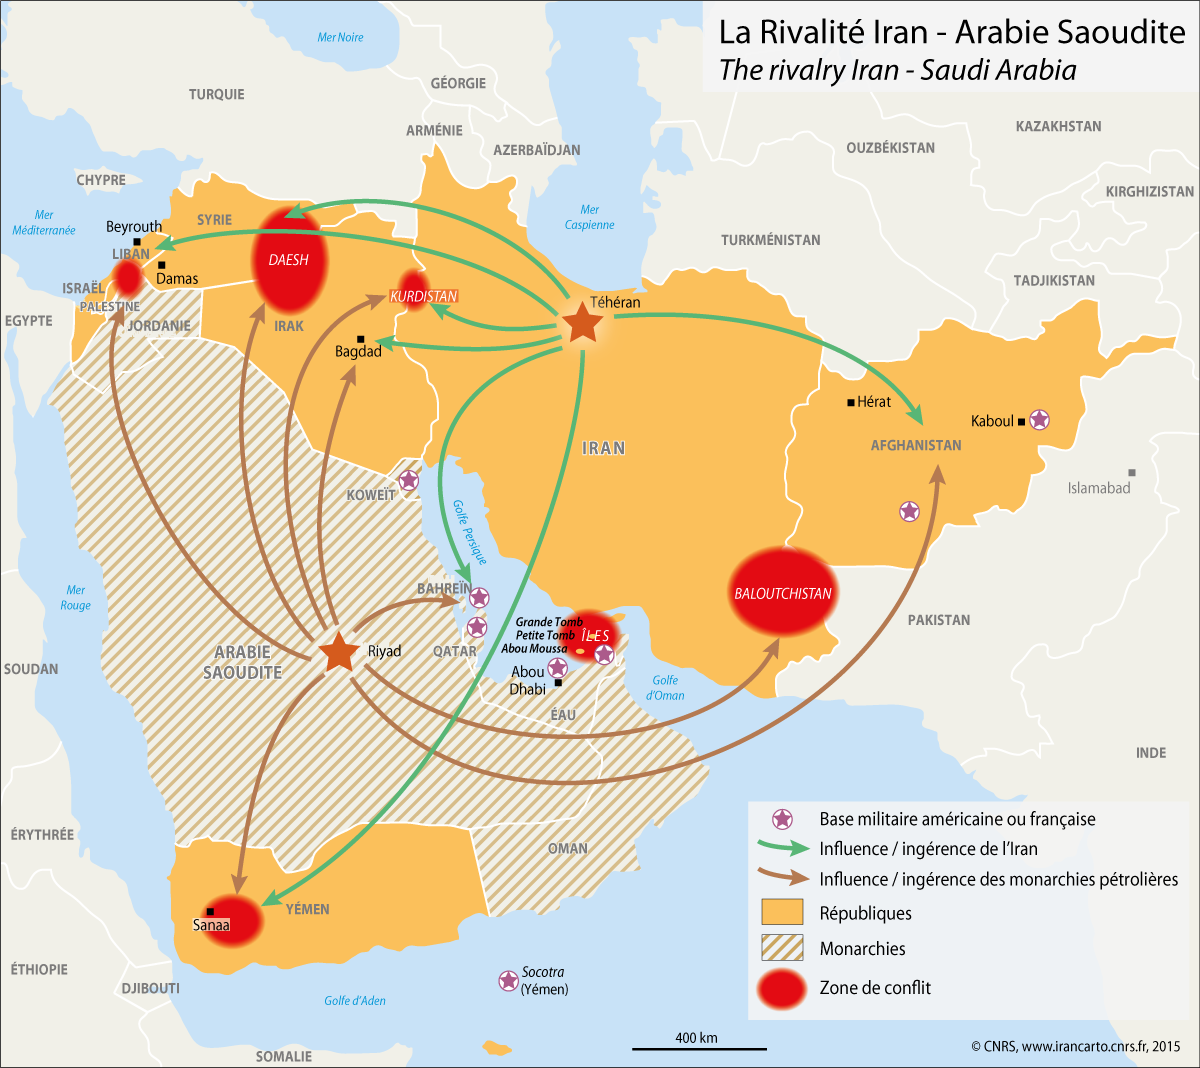 #DailyMap 16/01 I grande scisma. Ecco dove si gioca la tensione decennale tra  #ArabiaSaudita e #Iran https://t.co/4Spp2XylZB